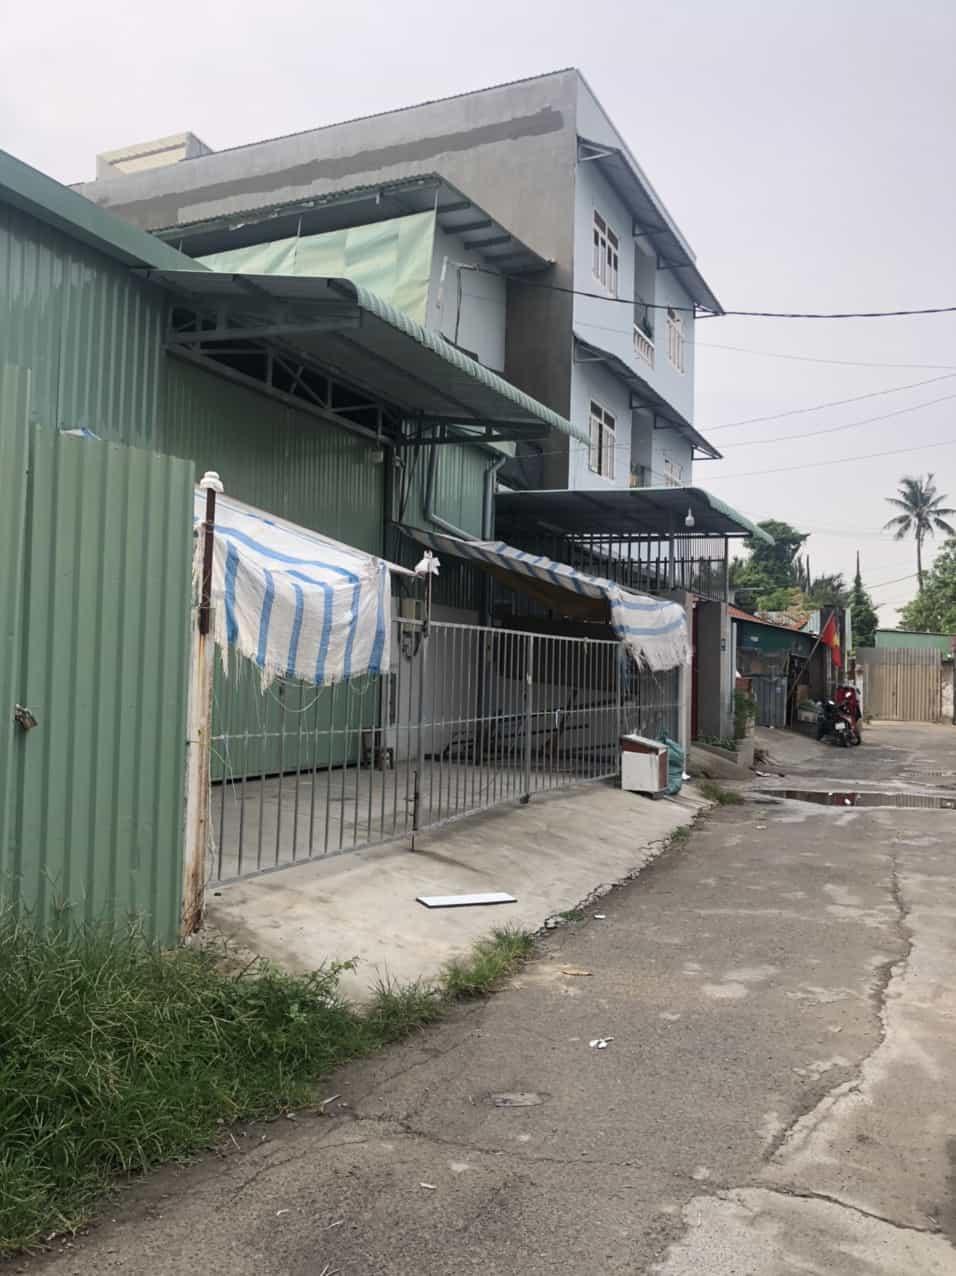 Bán Lô Đất Đường An Phú Đông 25, Phường An Phú Đông, Quận 12